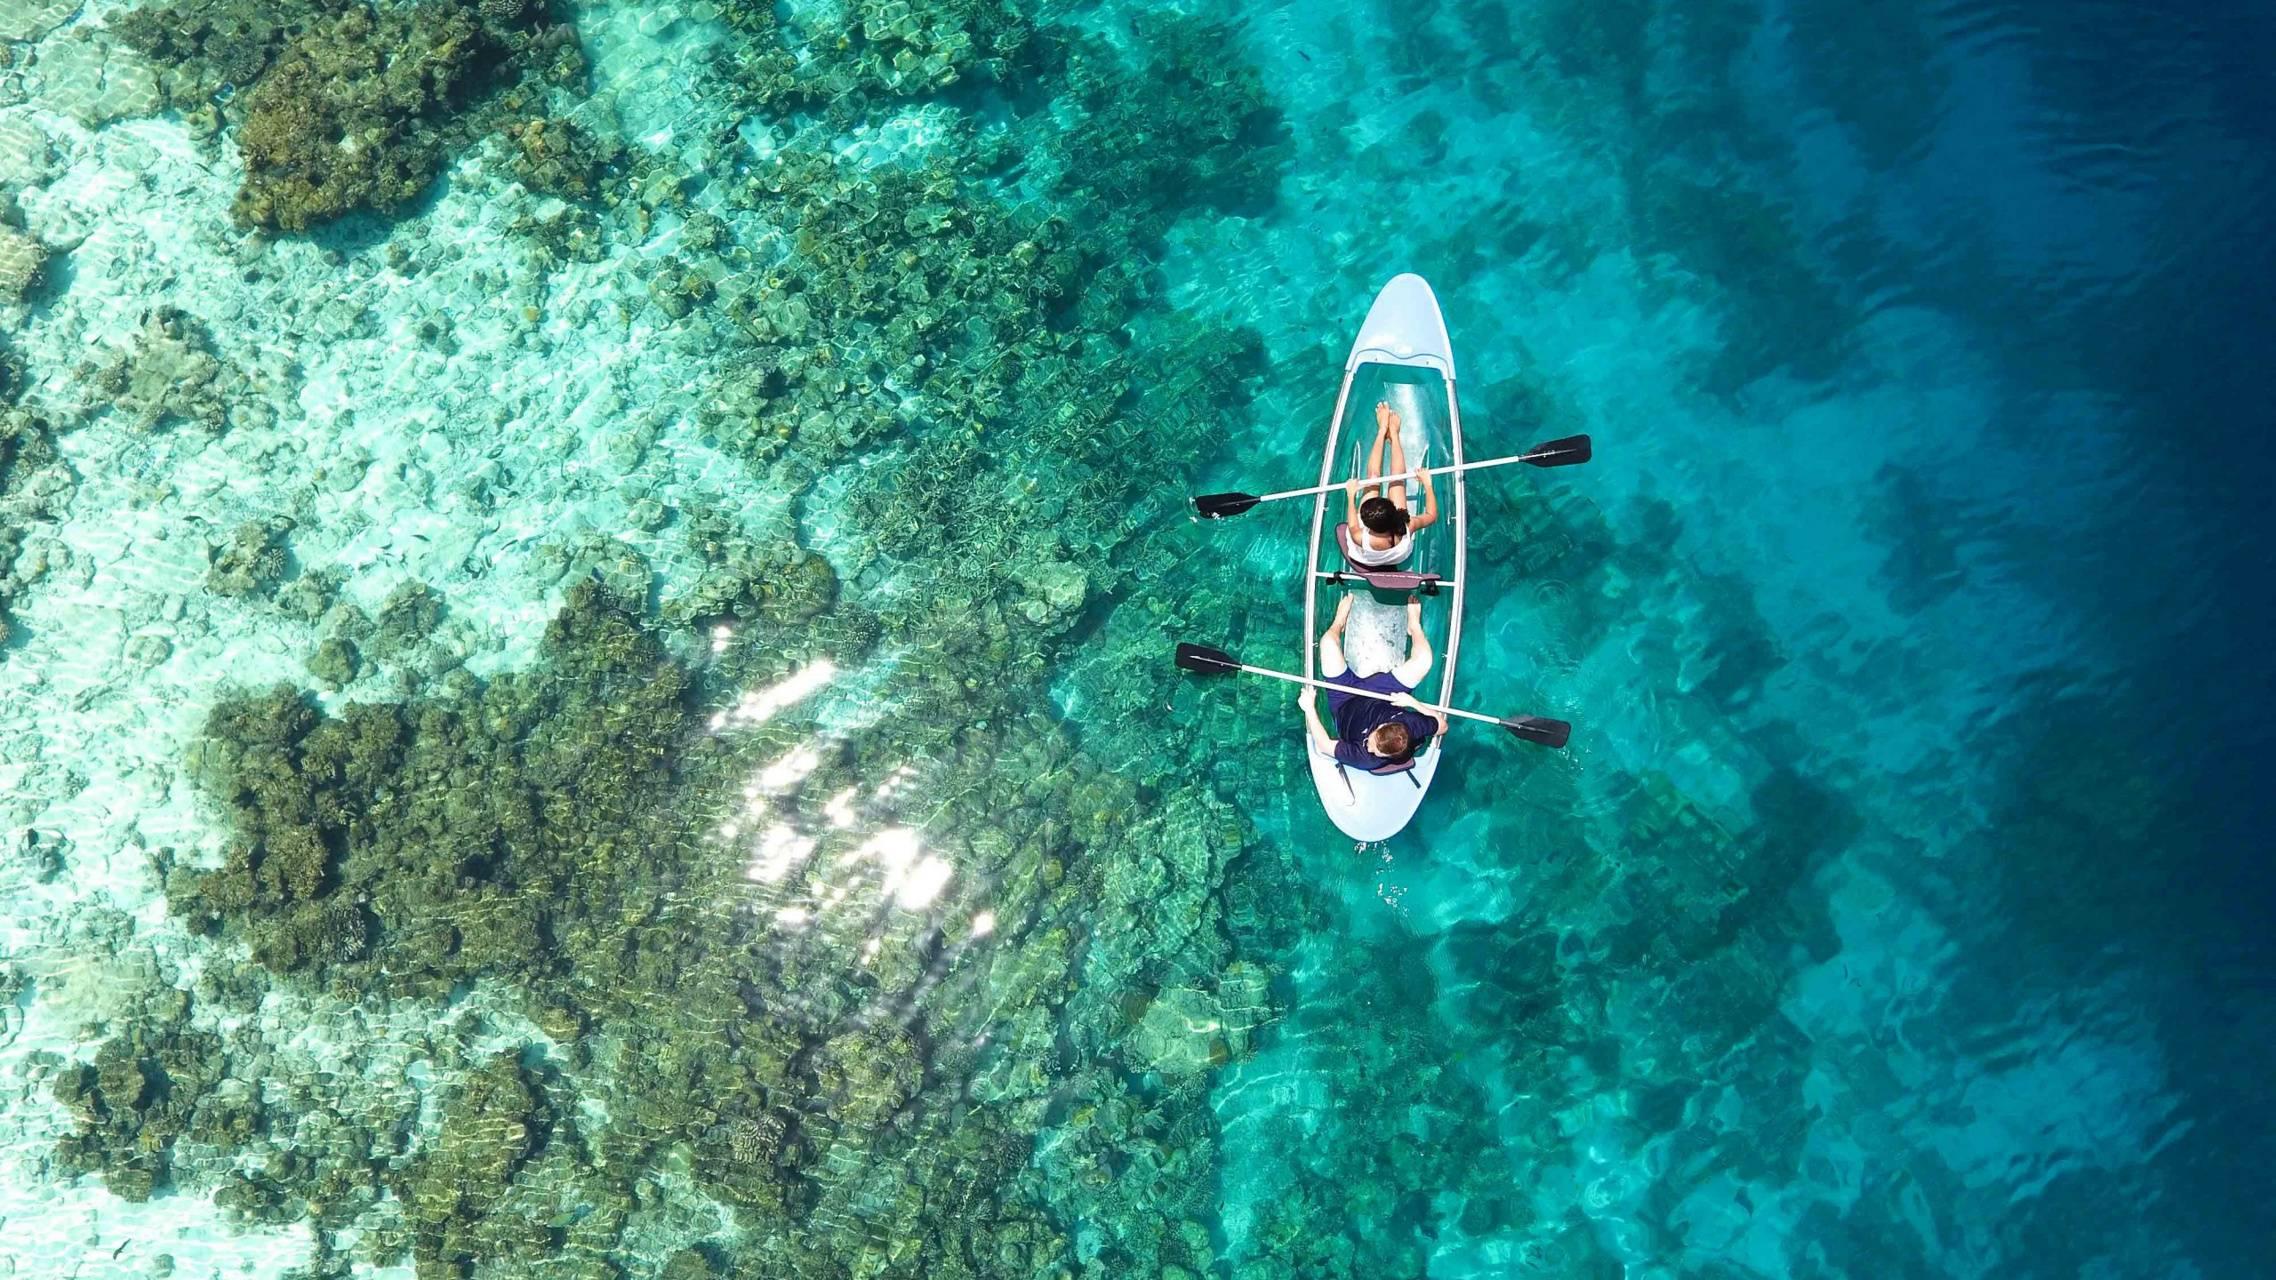 Kayaking Waters 2019